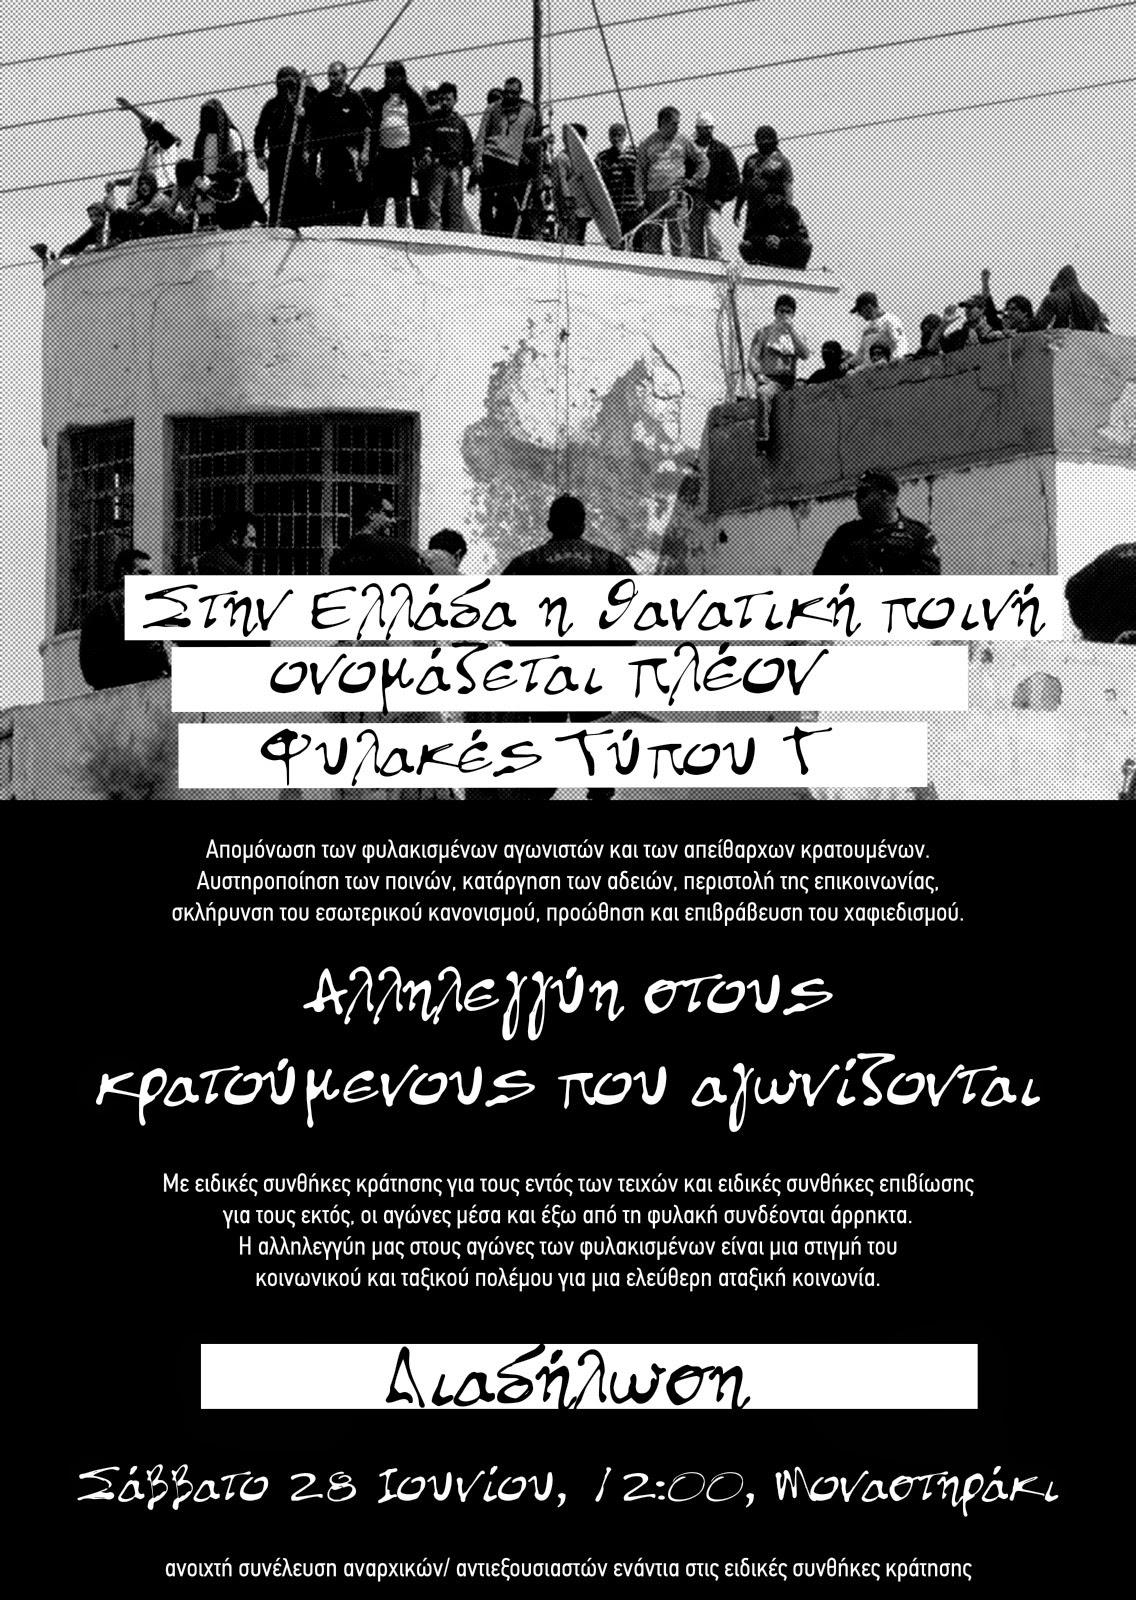 Αλληλεγγύη στους κρατούμενους που αγωνίζονται